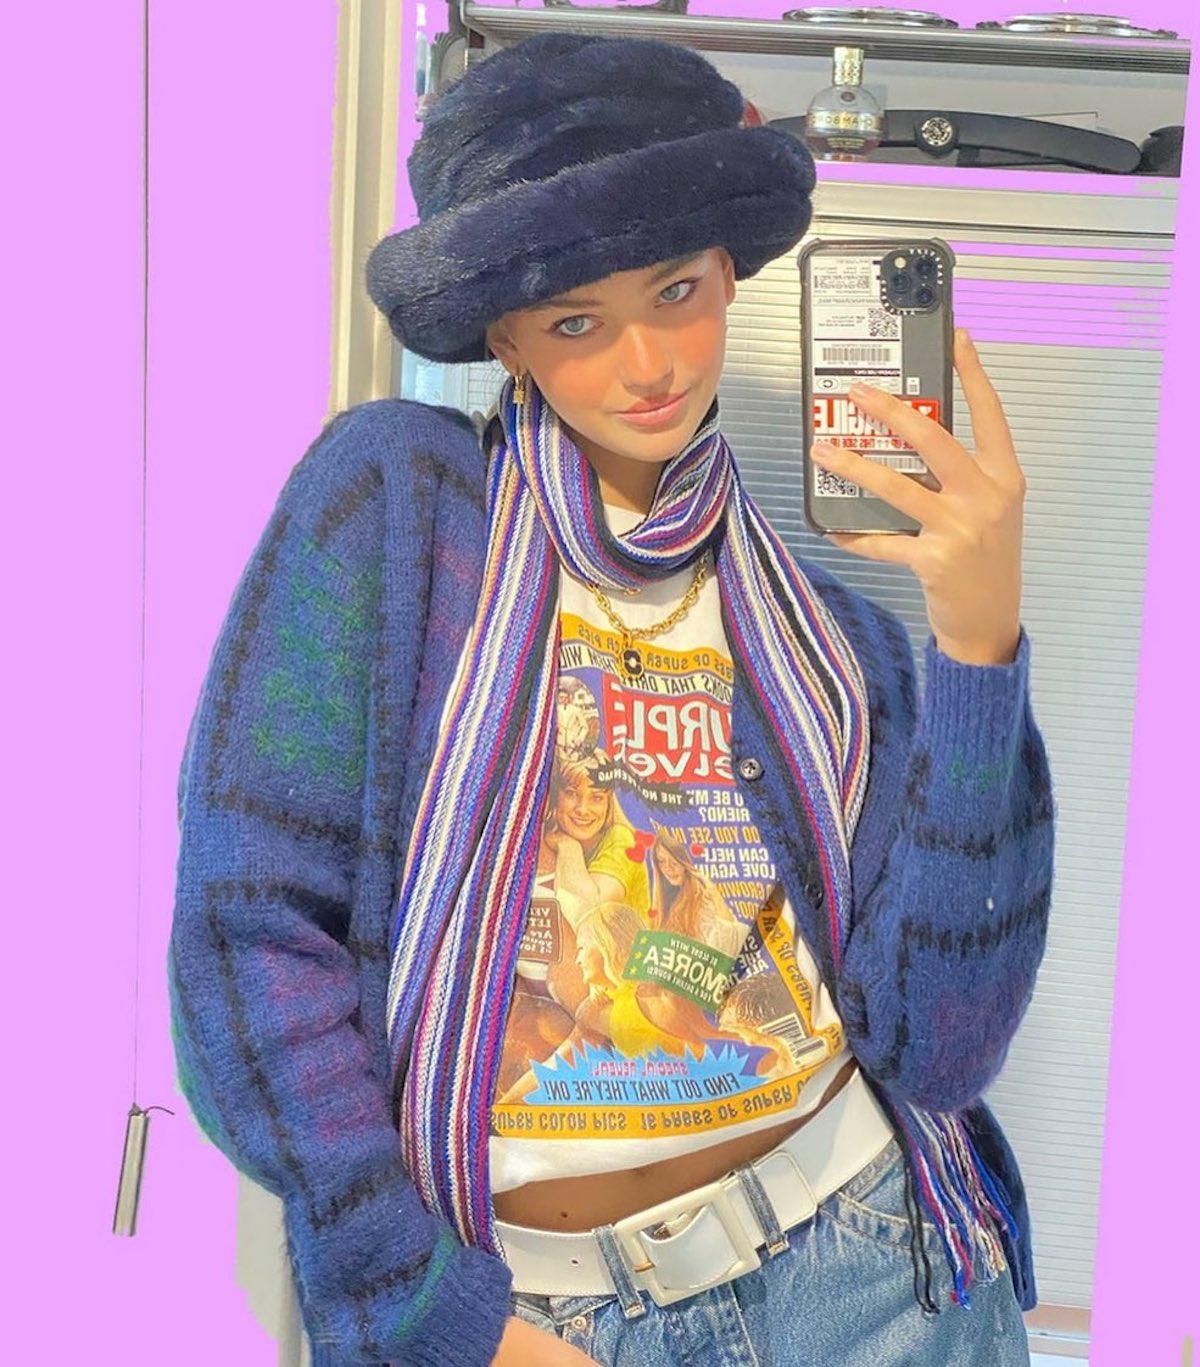 Mia Regan selfie